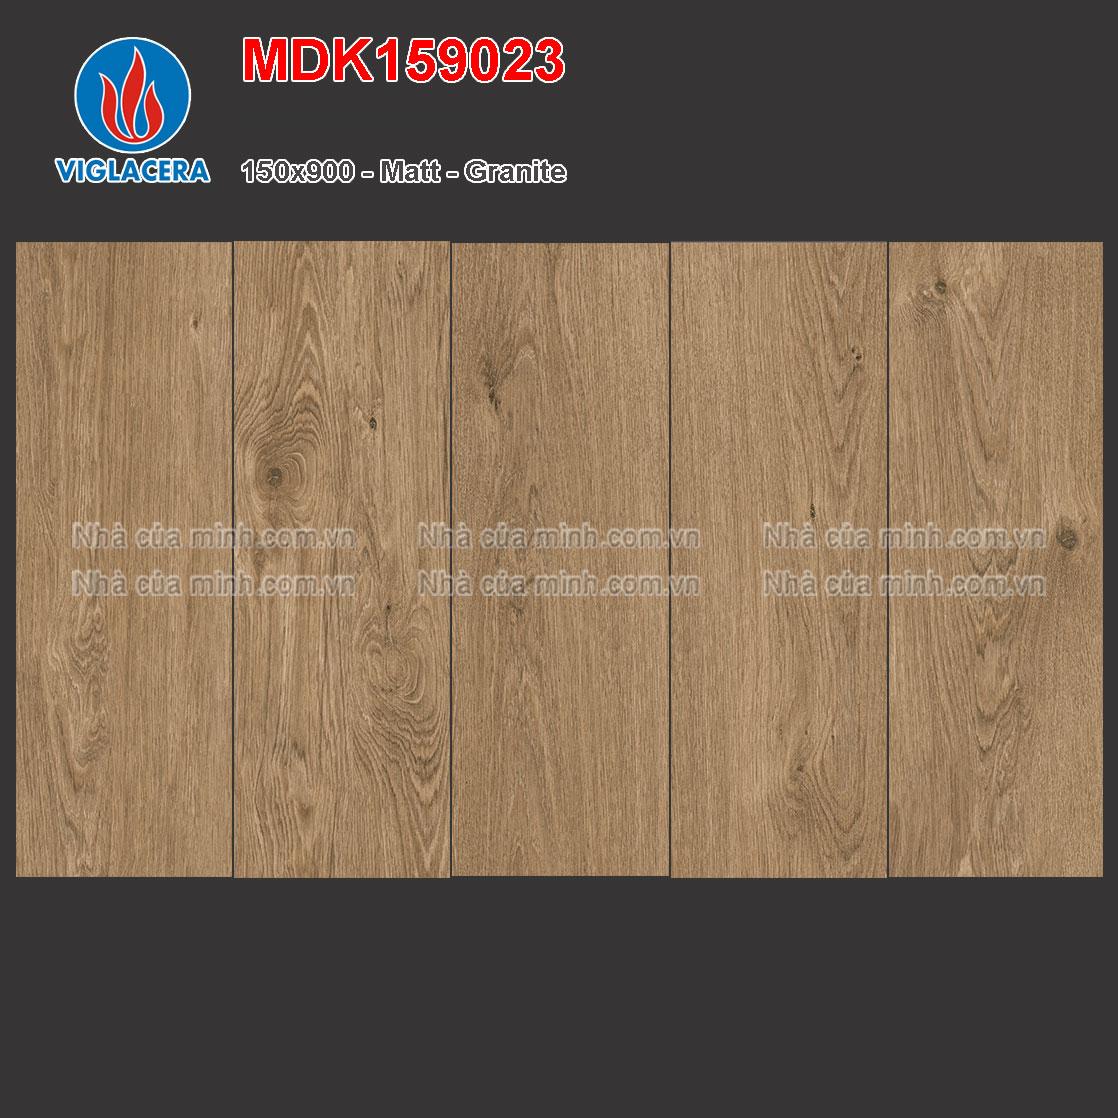 Gạch ốp lát Viglacera MDK159023 giá tốt